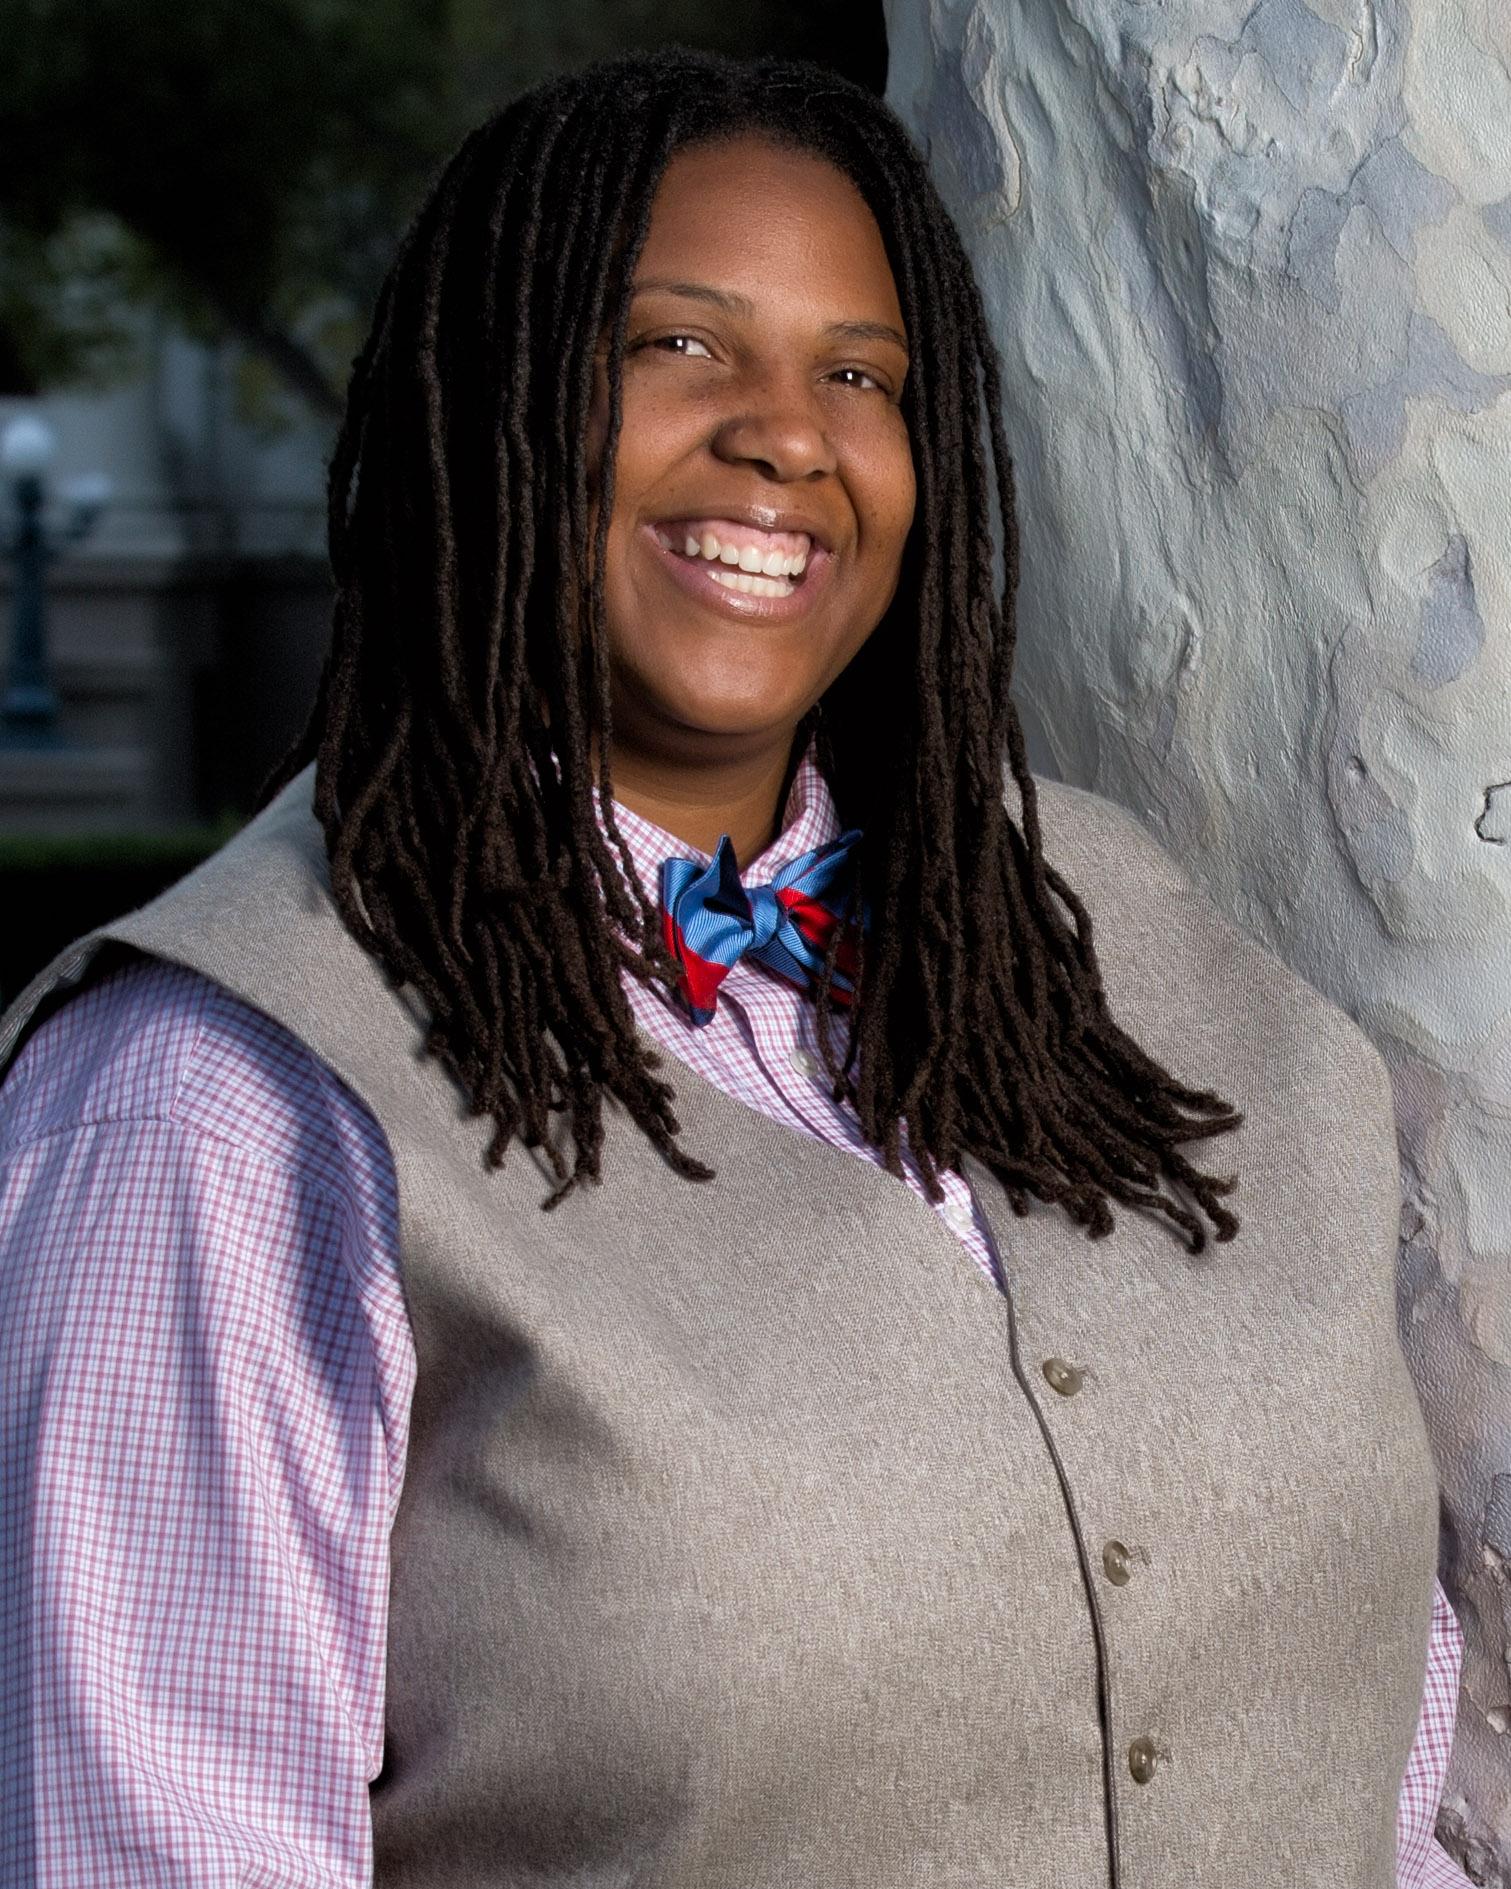 Dr. Torie Weiston-Serdan